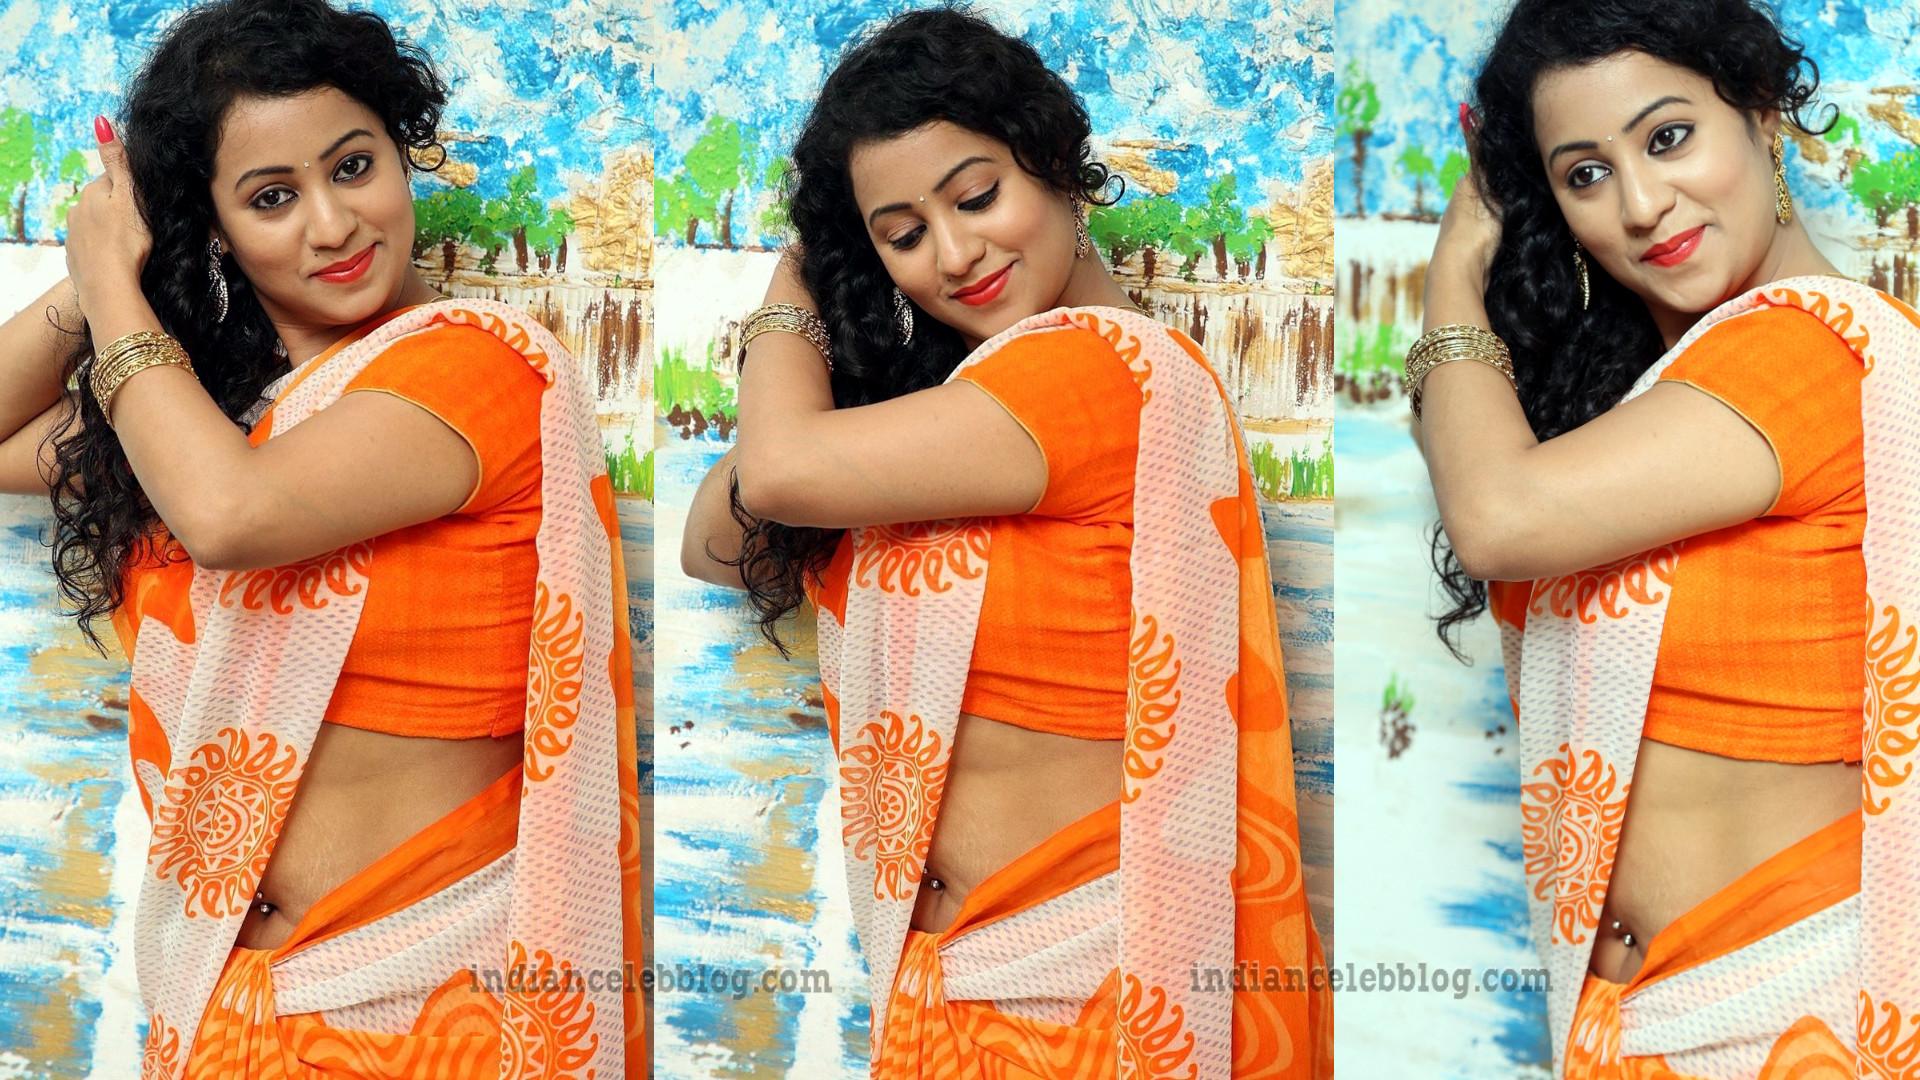 Deepu Naidu South Indian Actress Hot Saree Photoshoot S1 1 Hot Pics Indiancelebblog Com